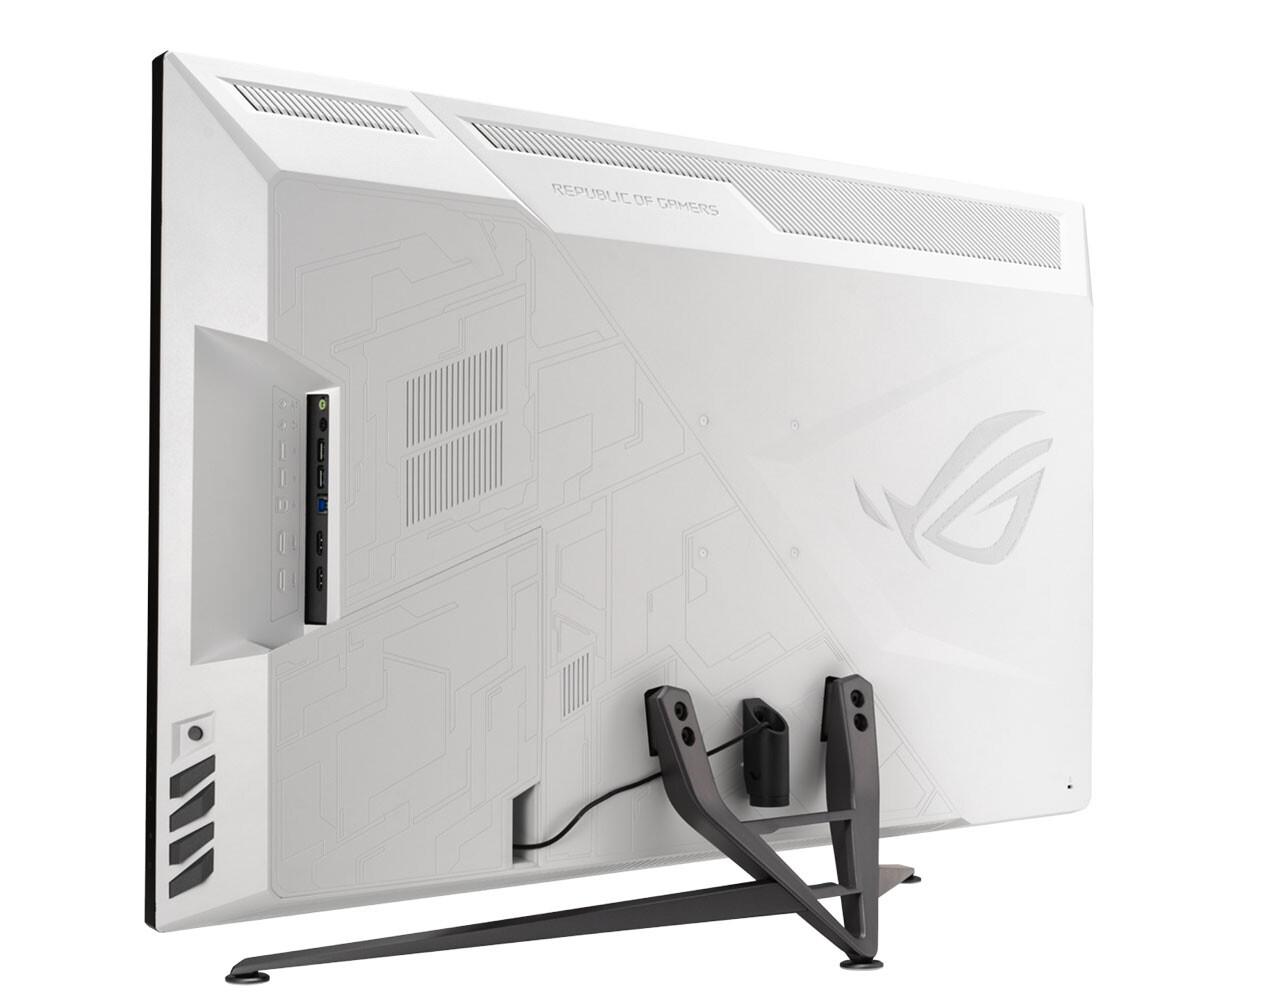 Strix XG43UQ Xbox Edition